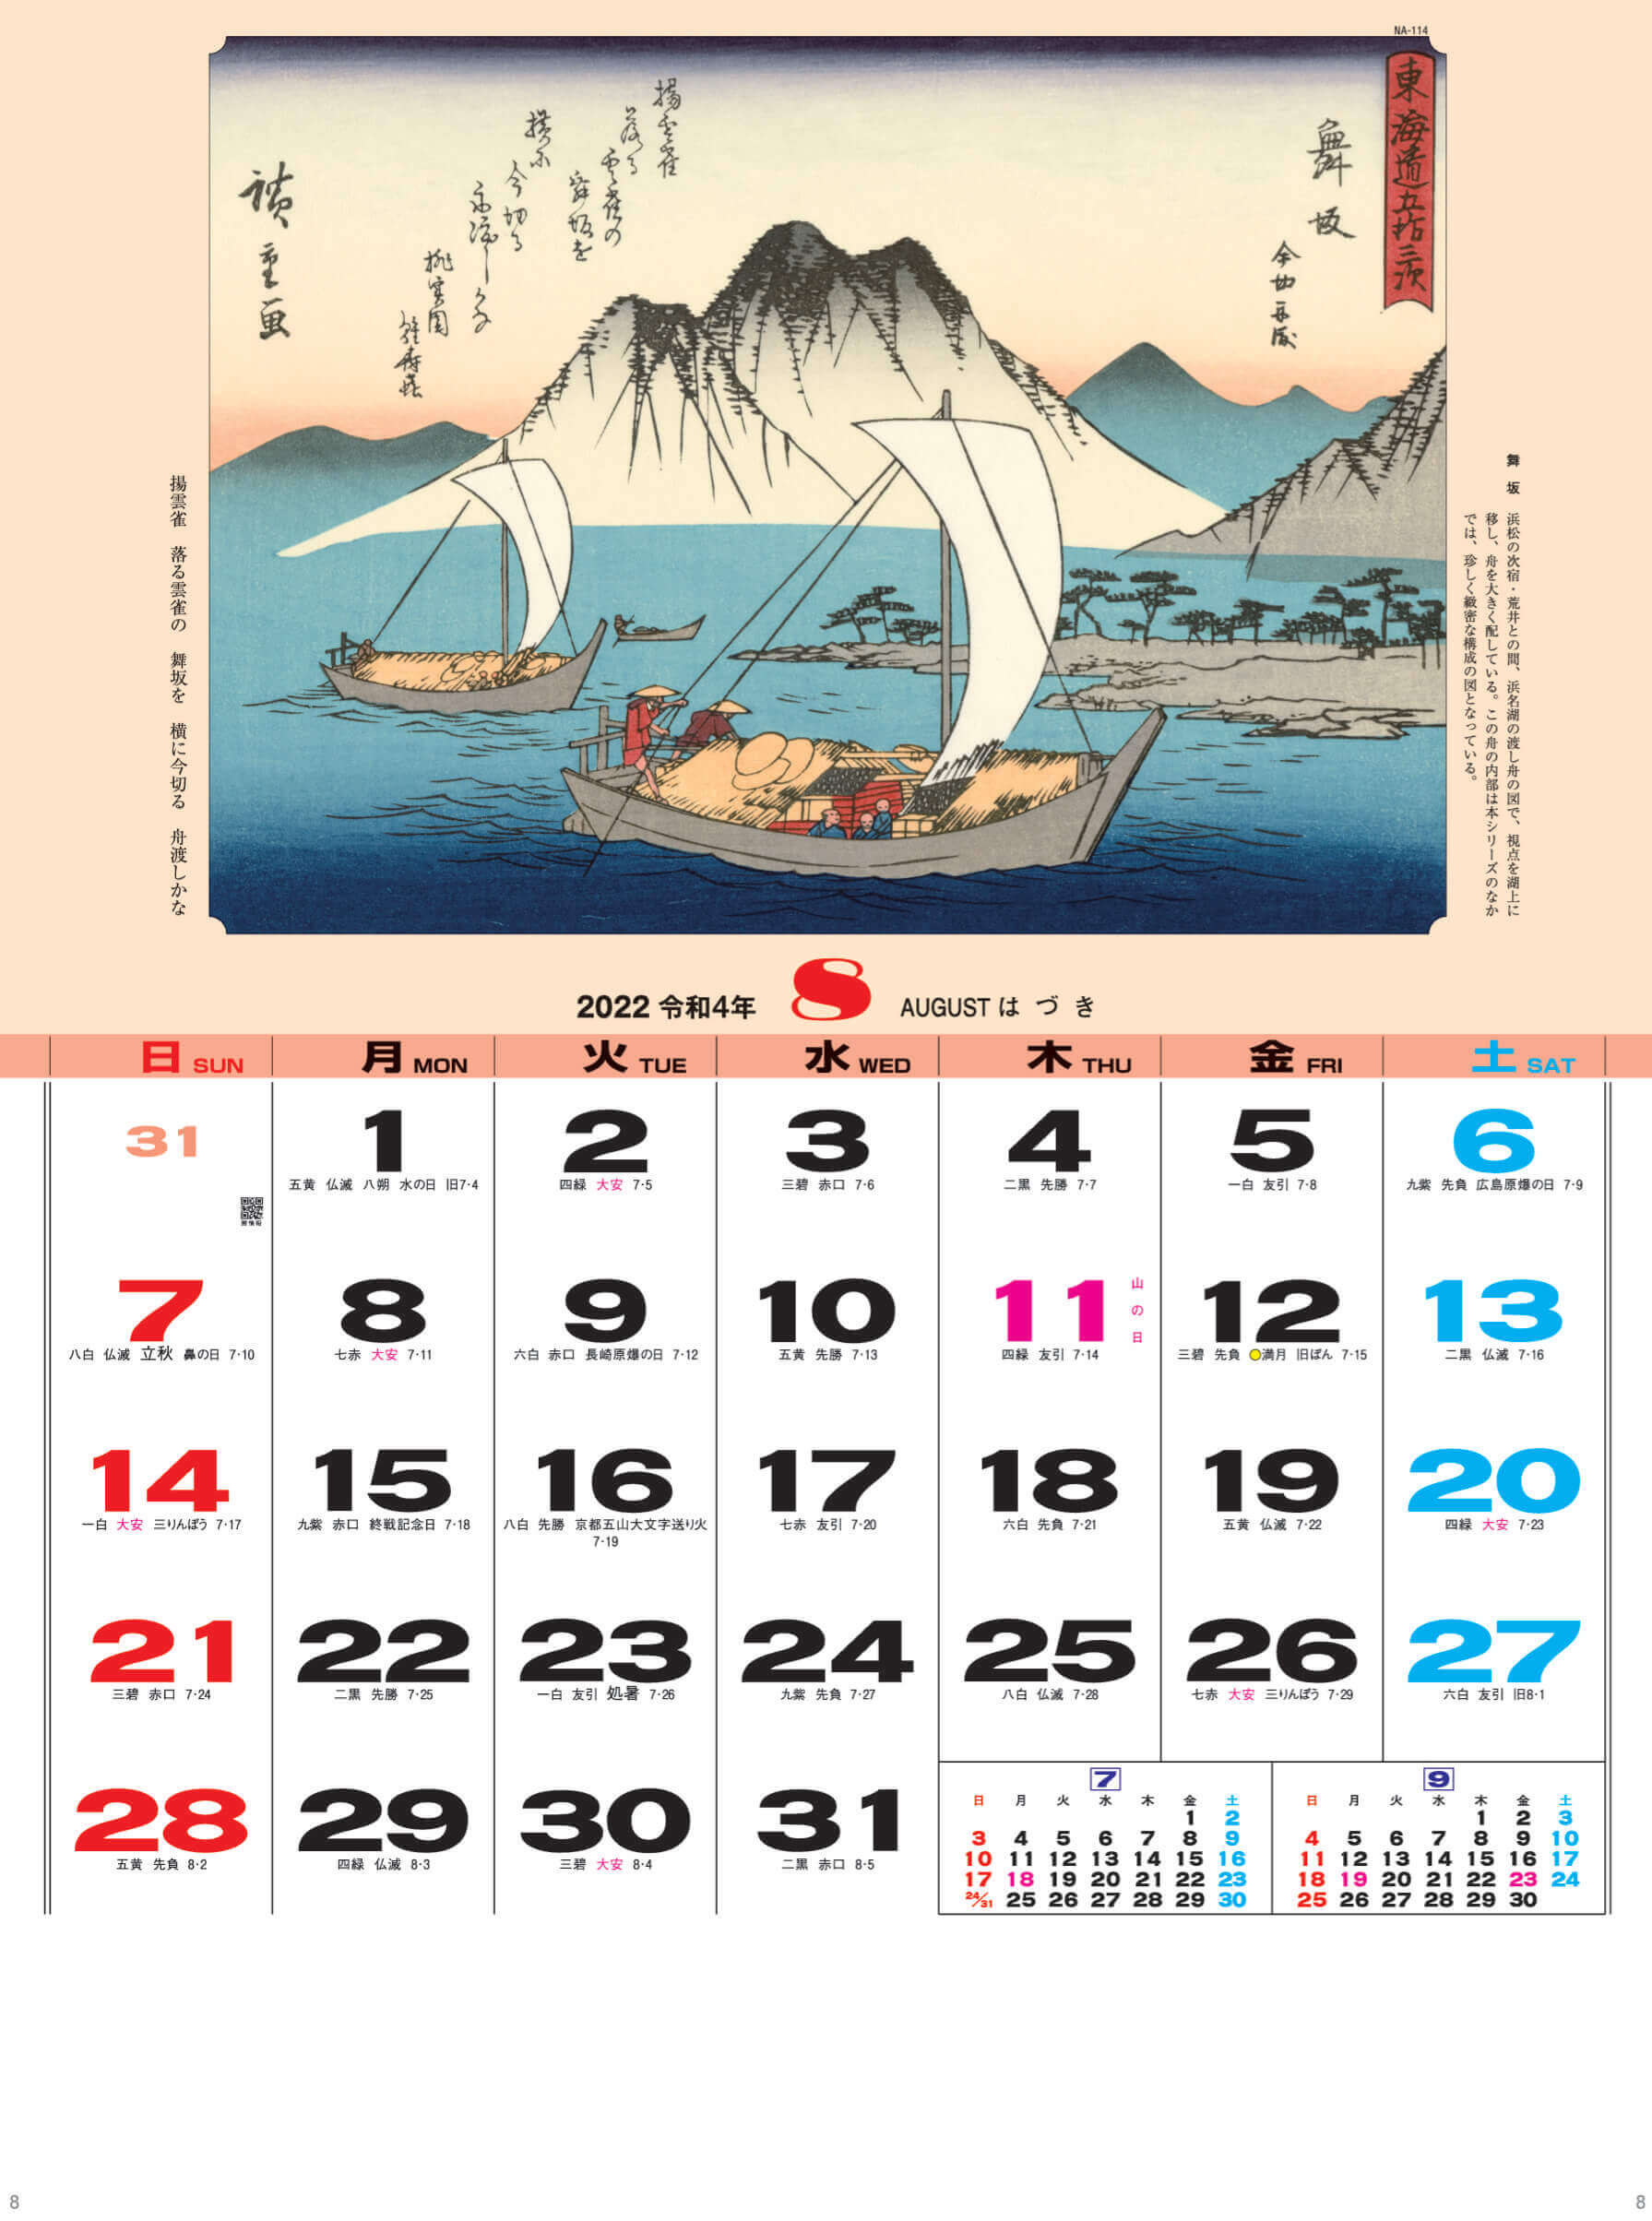 舞阪 広重 東海道五十三次 2022年カレンダーの画像